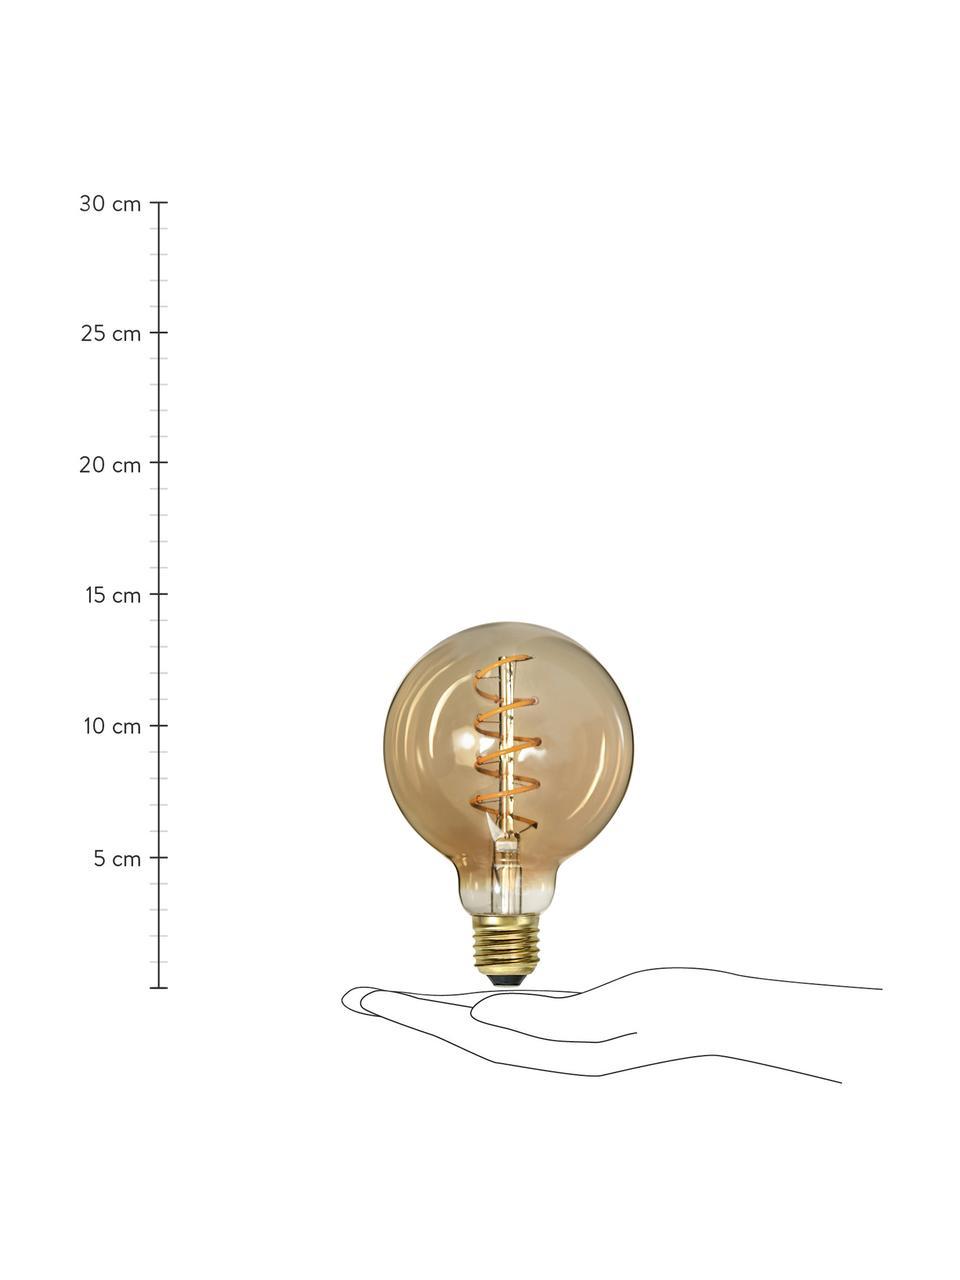 Żarówka z funkcją przyciemniania E27/160 lm, ciepła biel, 1 szt., Odcienie bursztynowego, transparentny, Ø 10 x W 14 cm